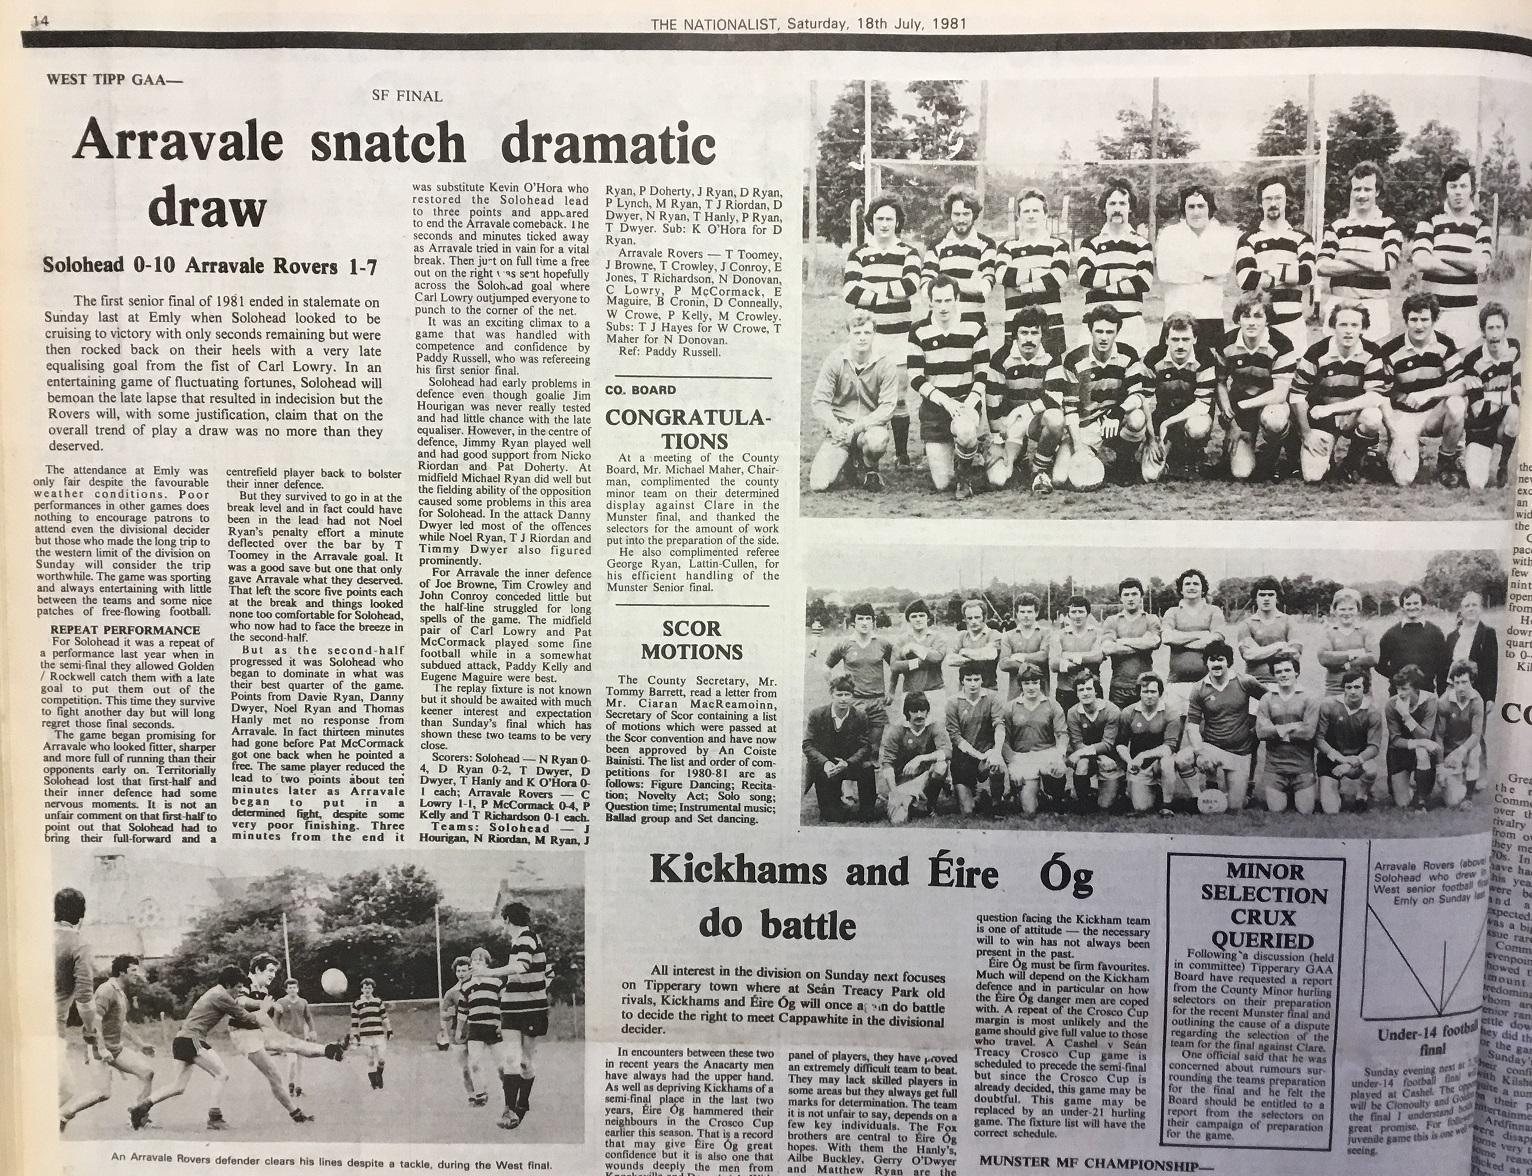 1981 West football final